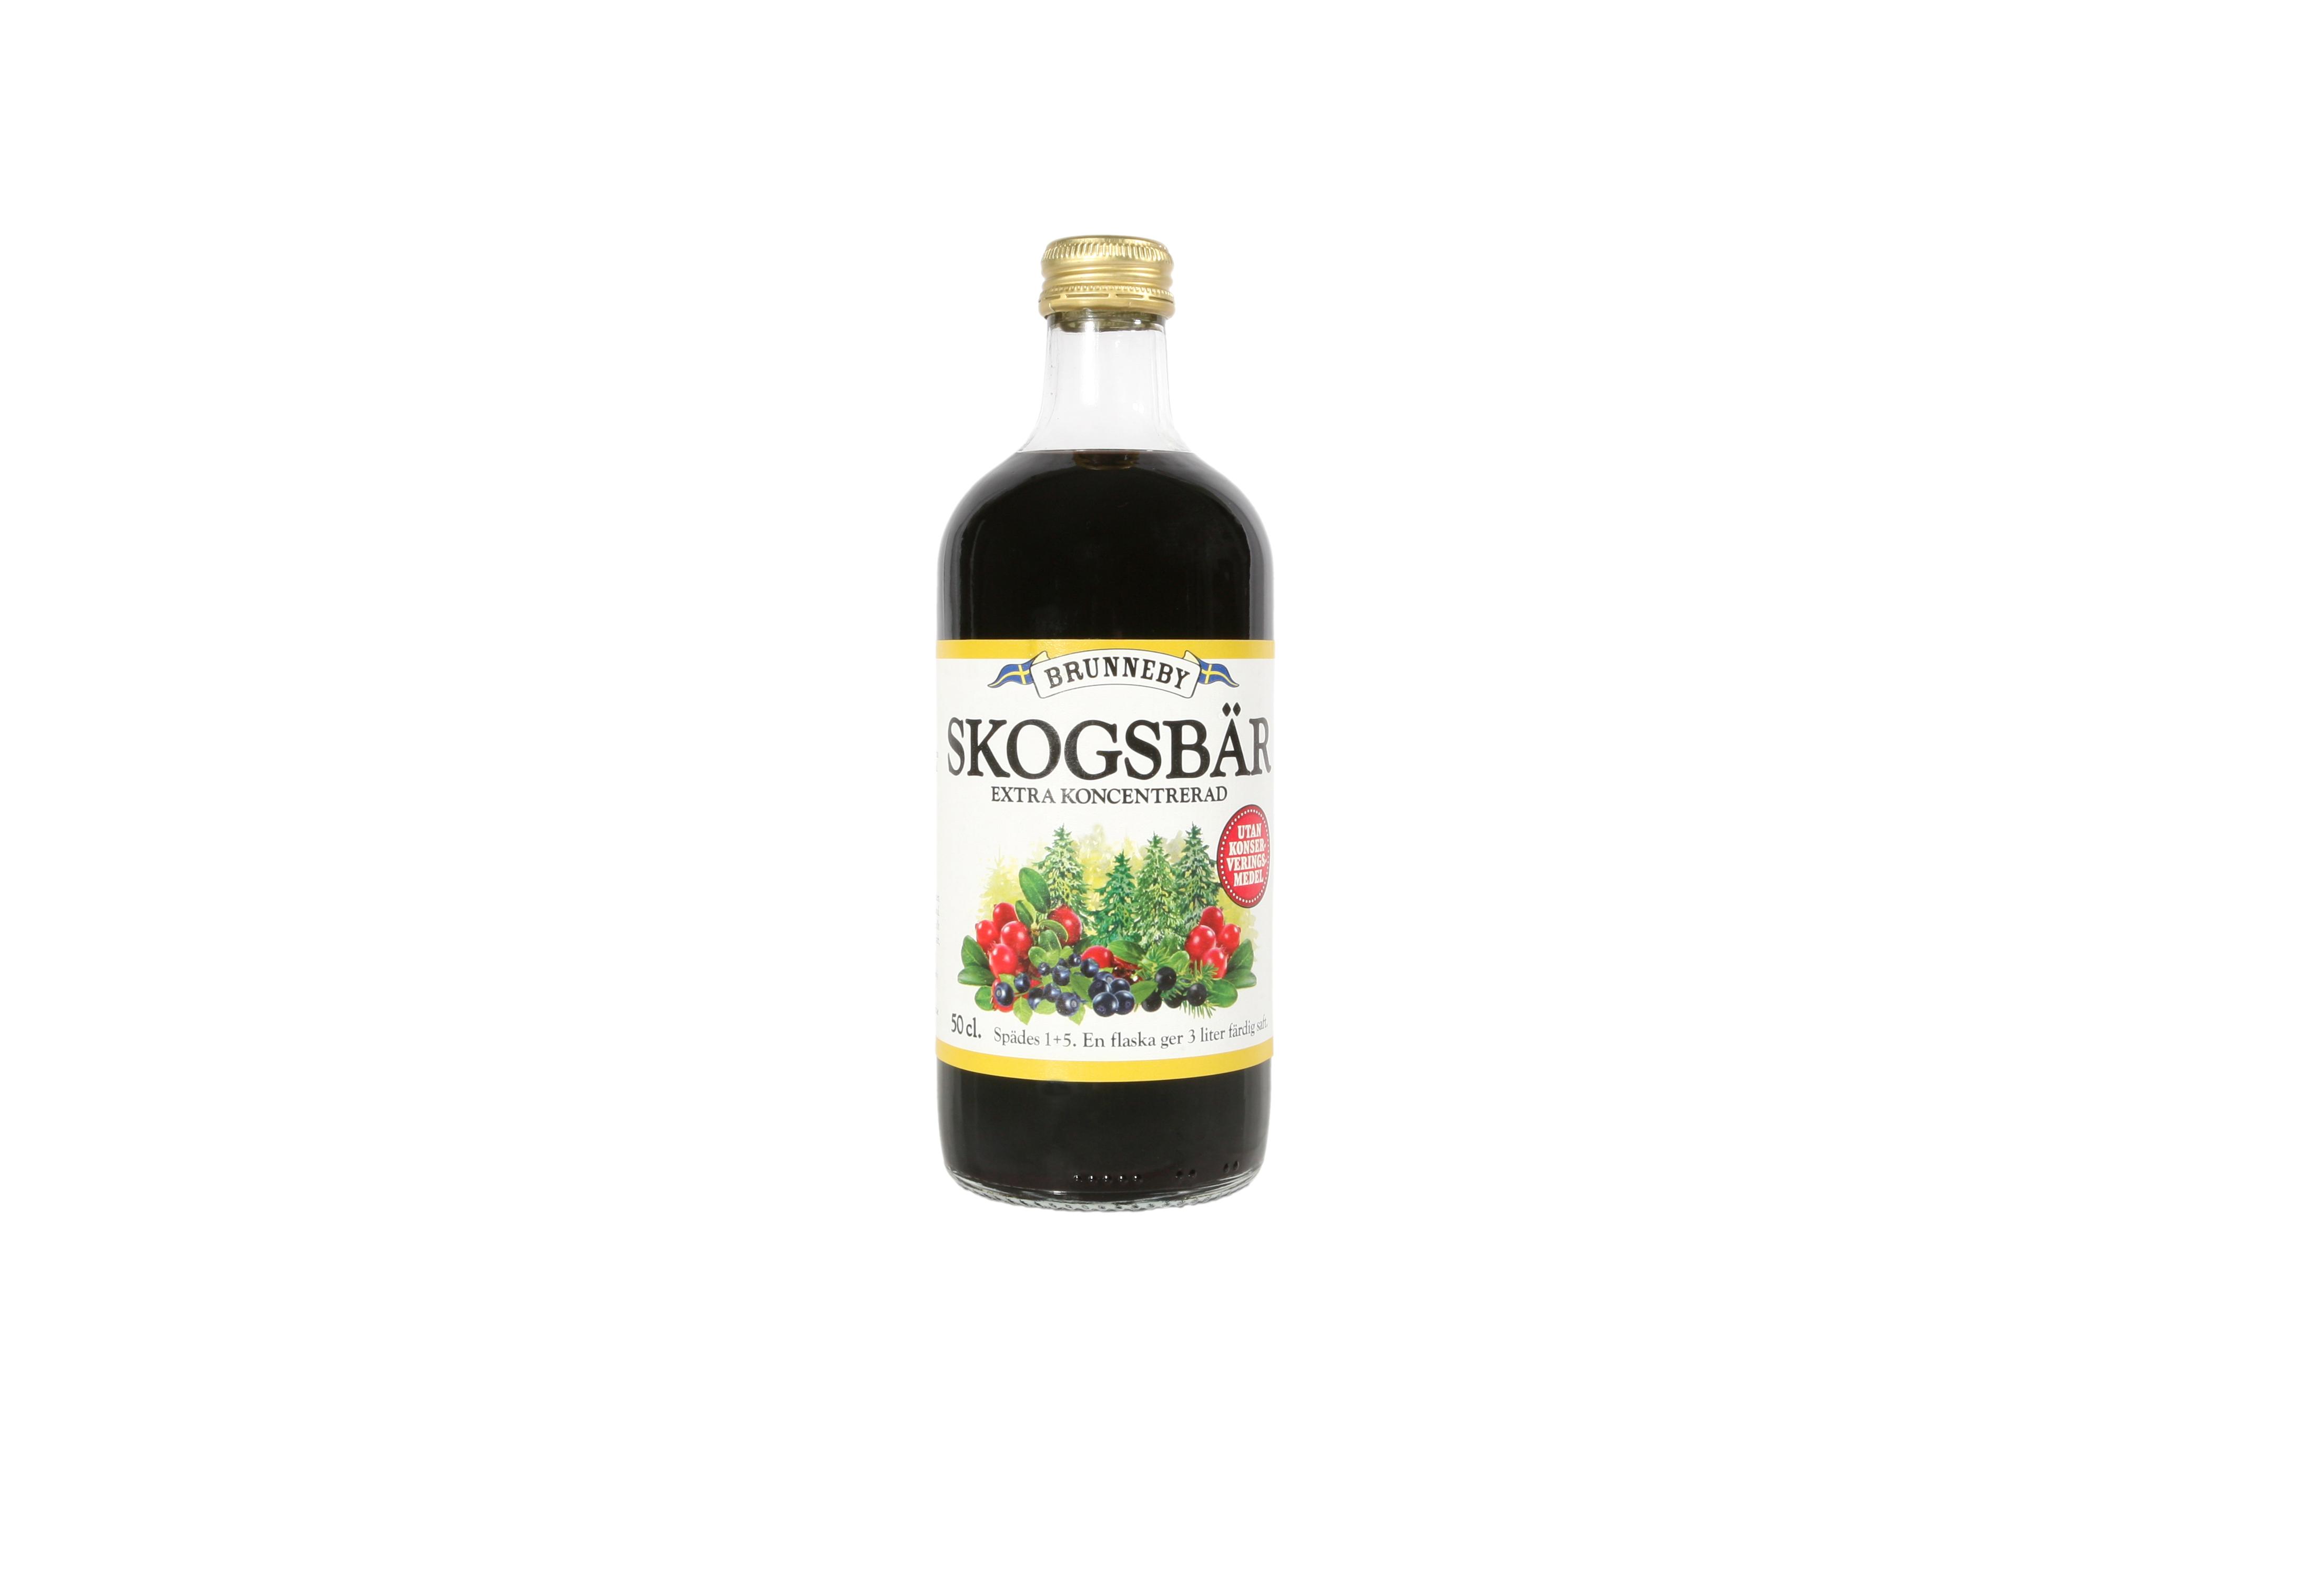 Högupplöst bild på Skogsbärssaft i 50cl flaska.